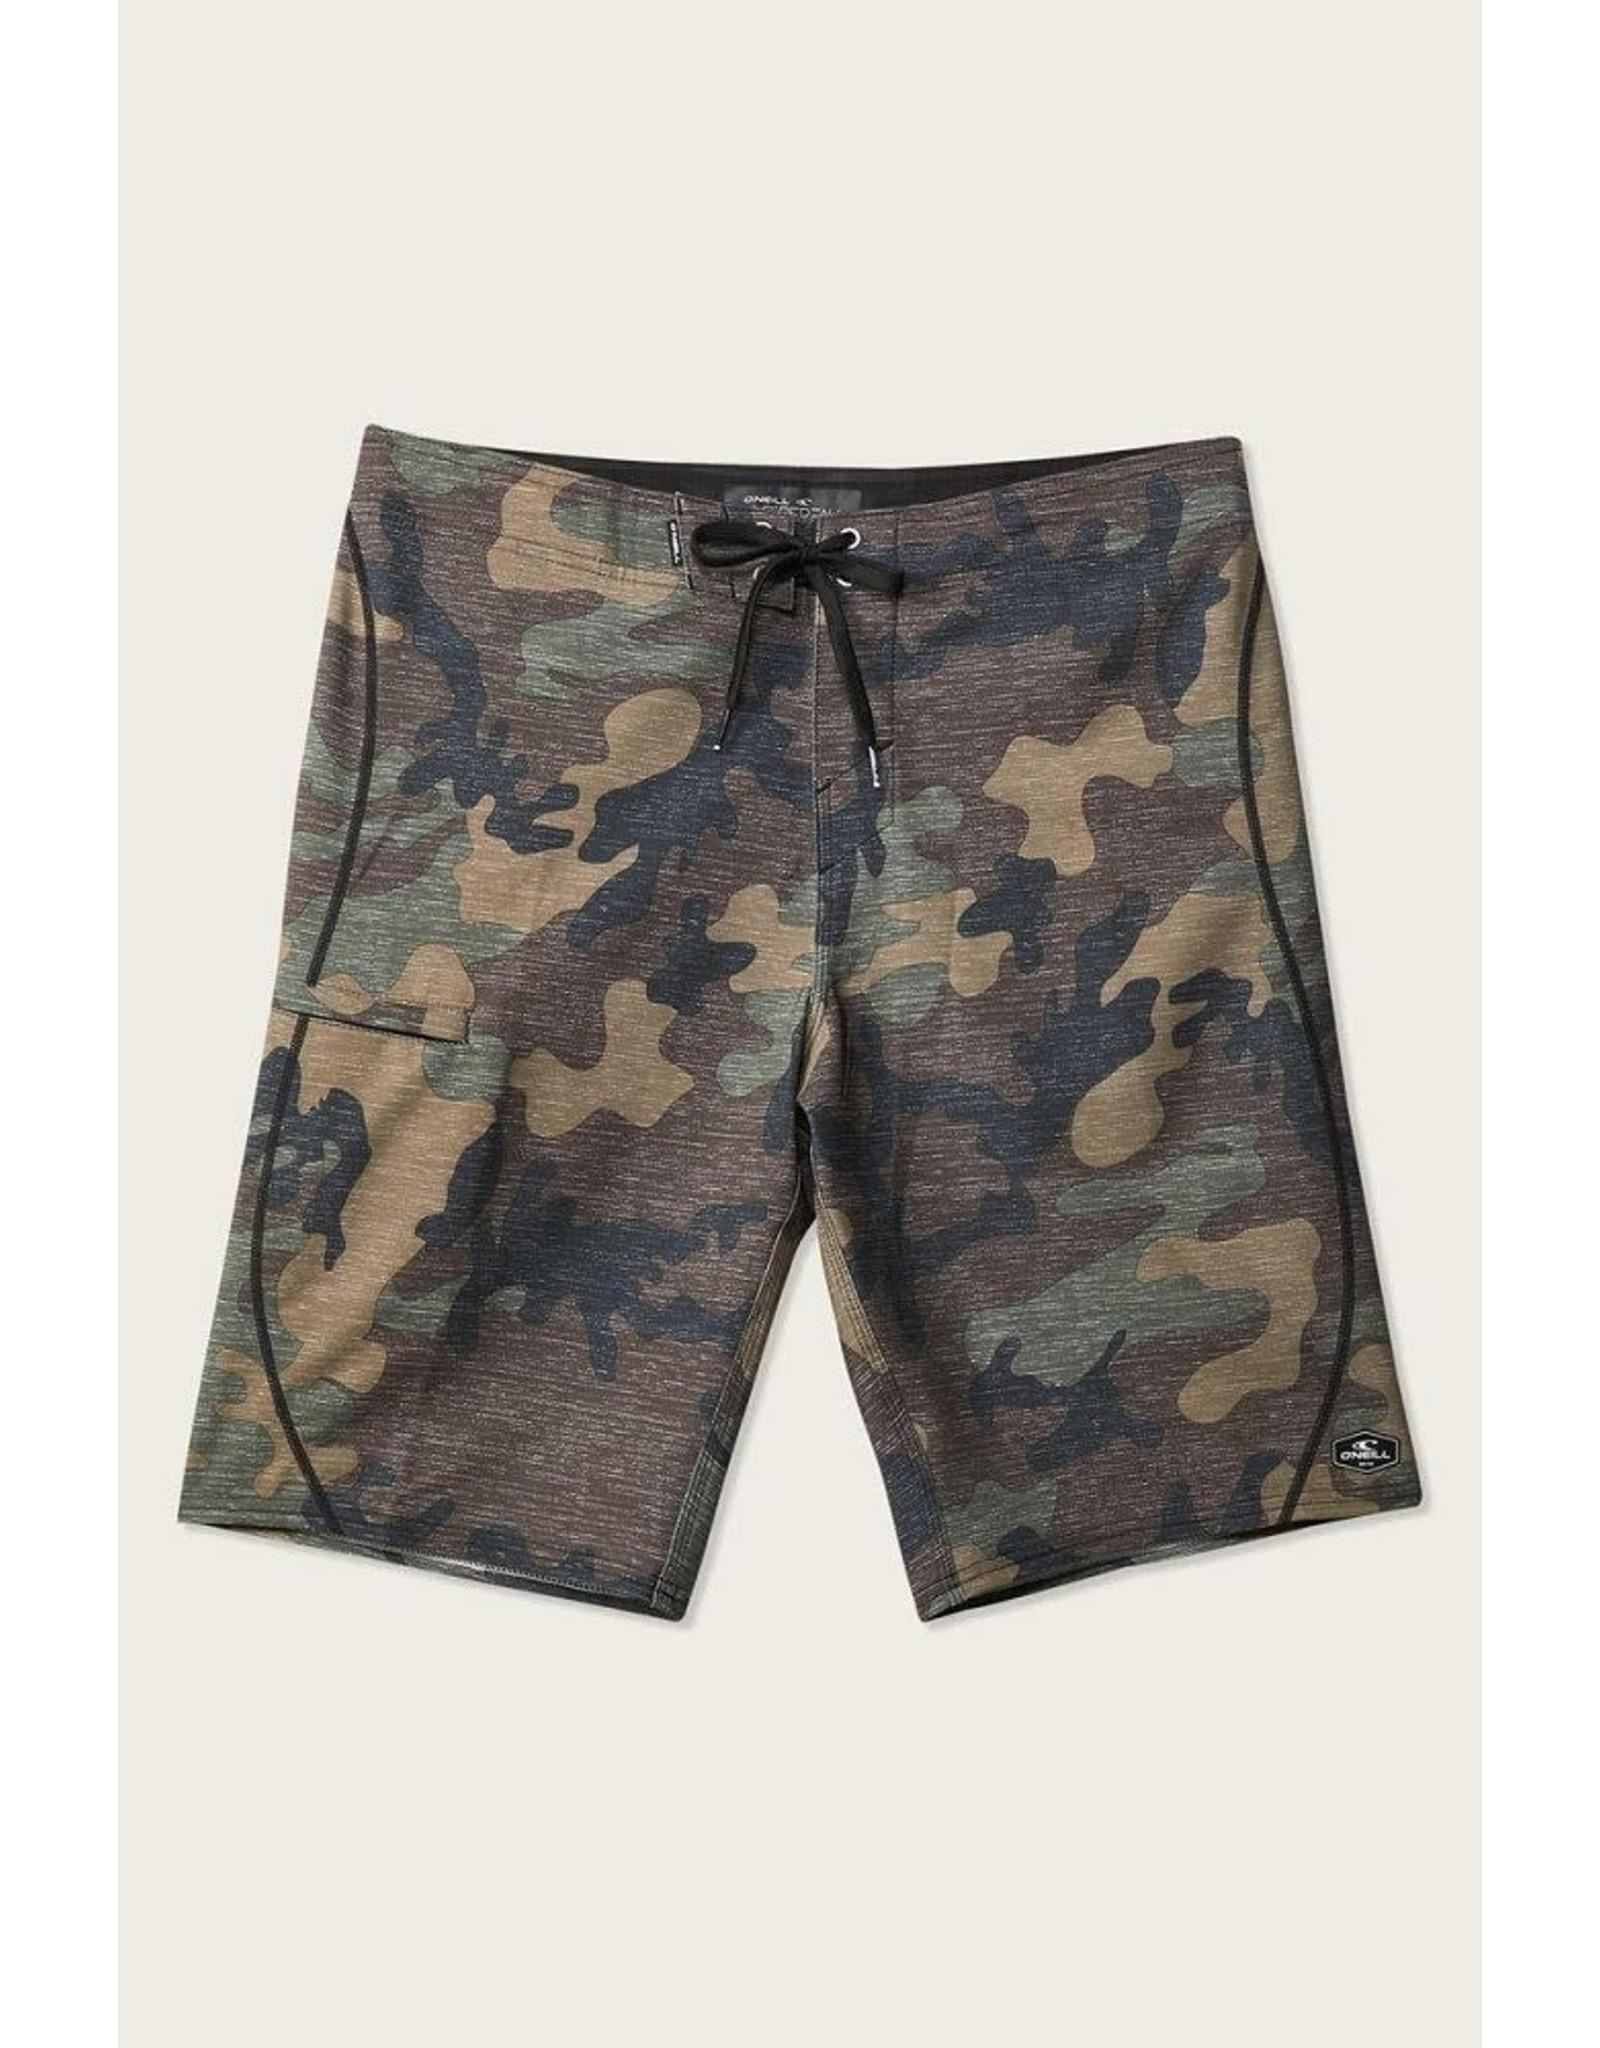 O'Neill Sportswear Hyperfreak S-Seam Boys